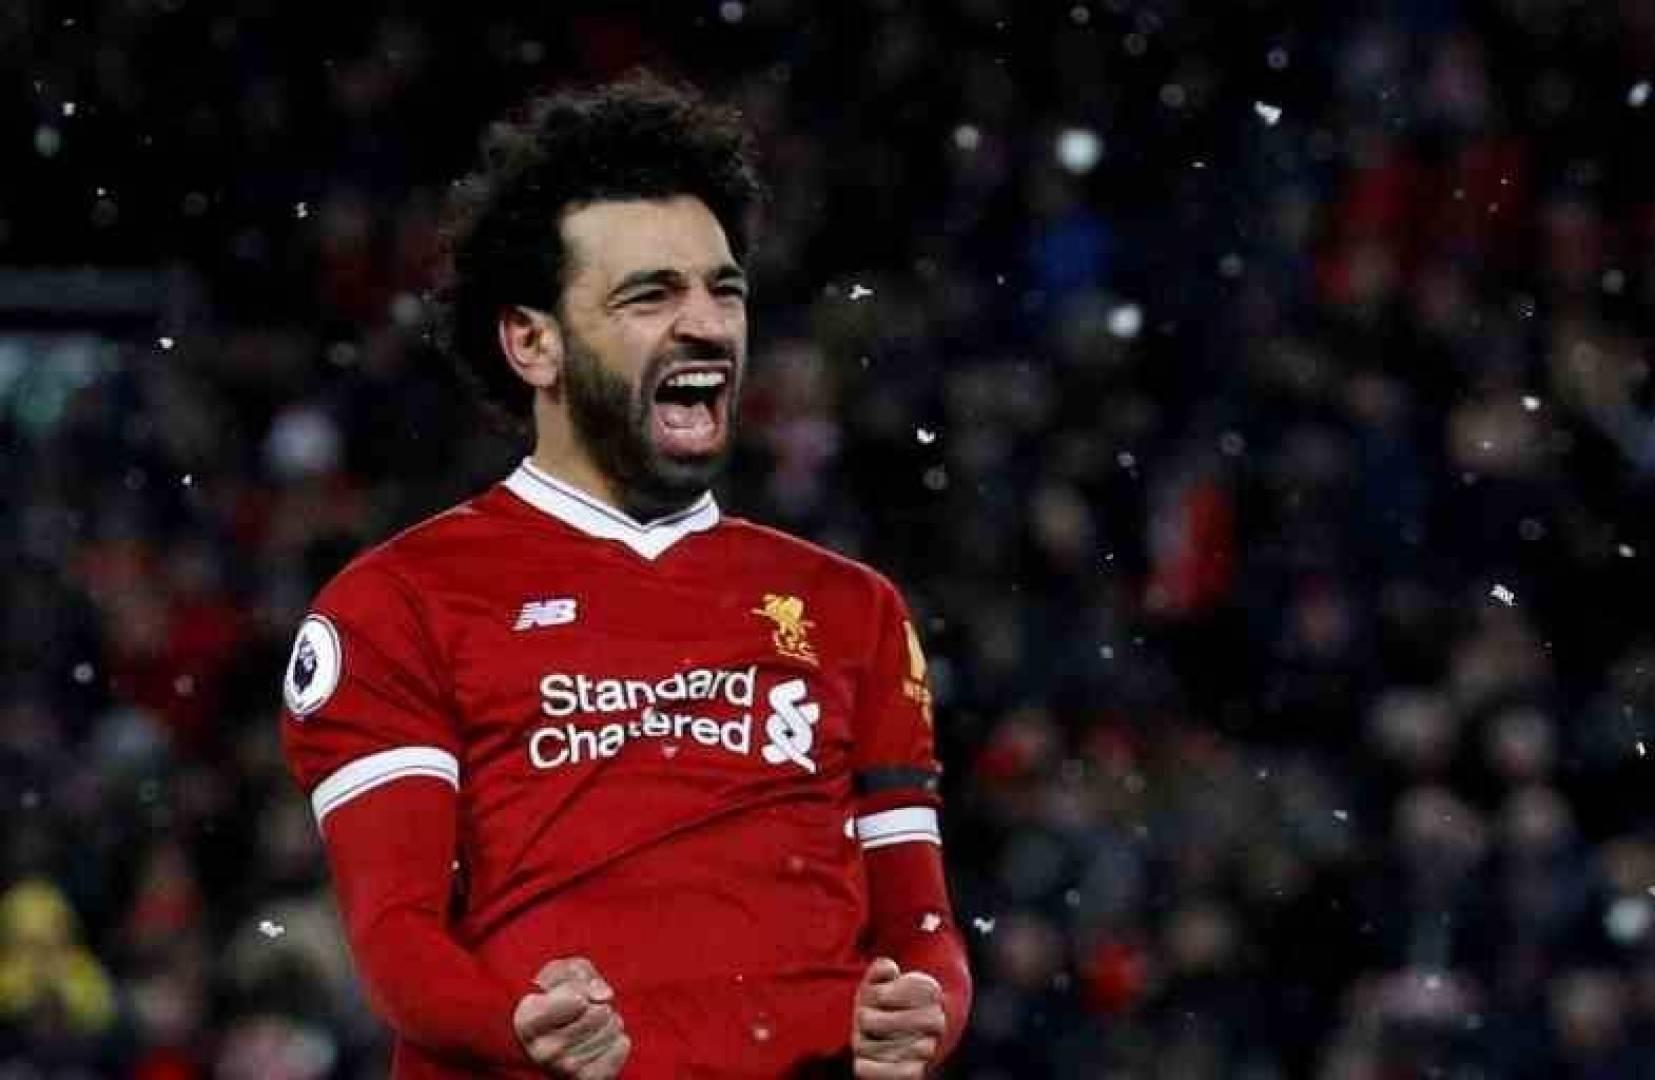 العرب في 2020: تألق في كرة القدم والتنس.. وكمال الأجسام